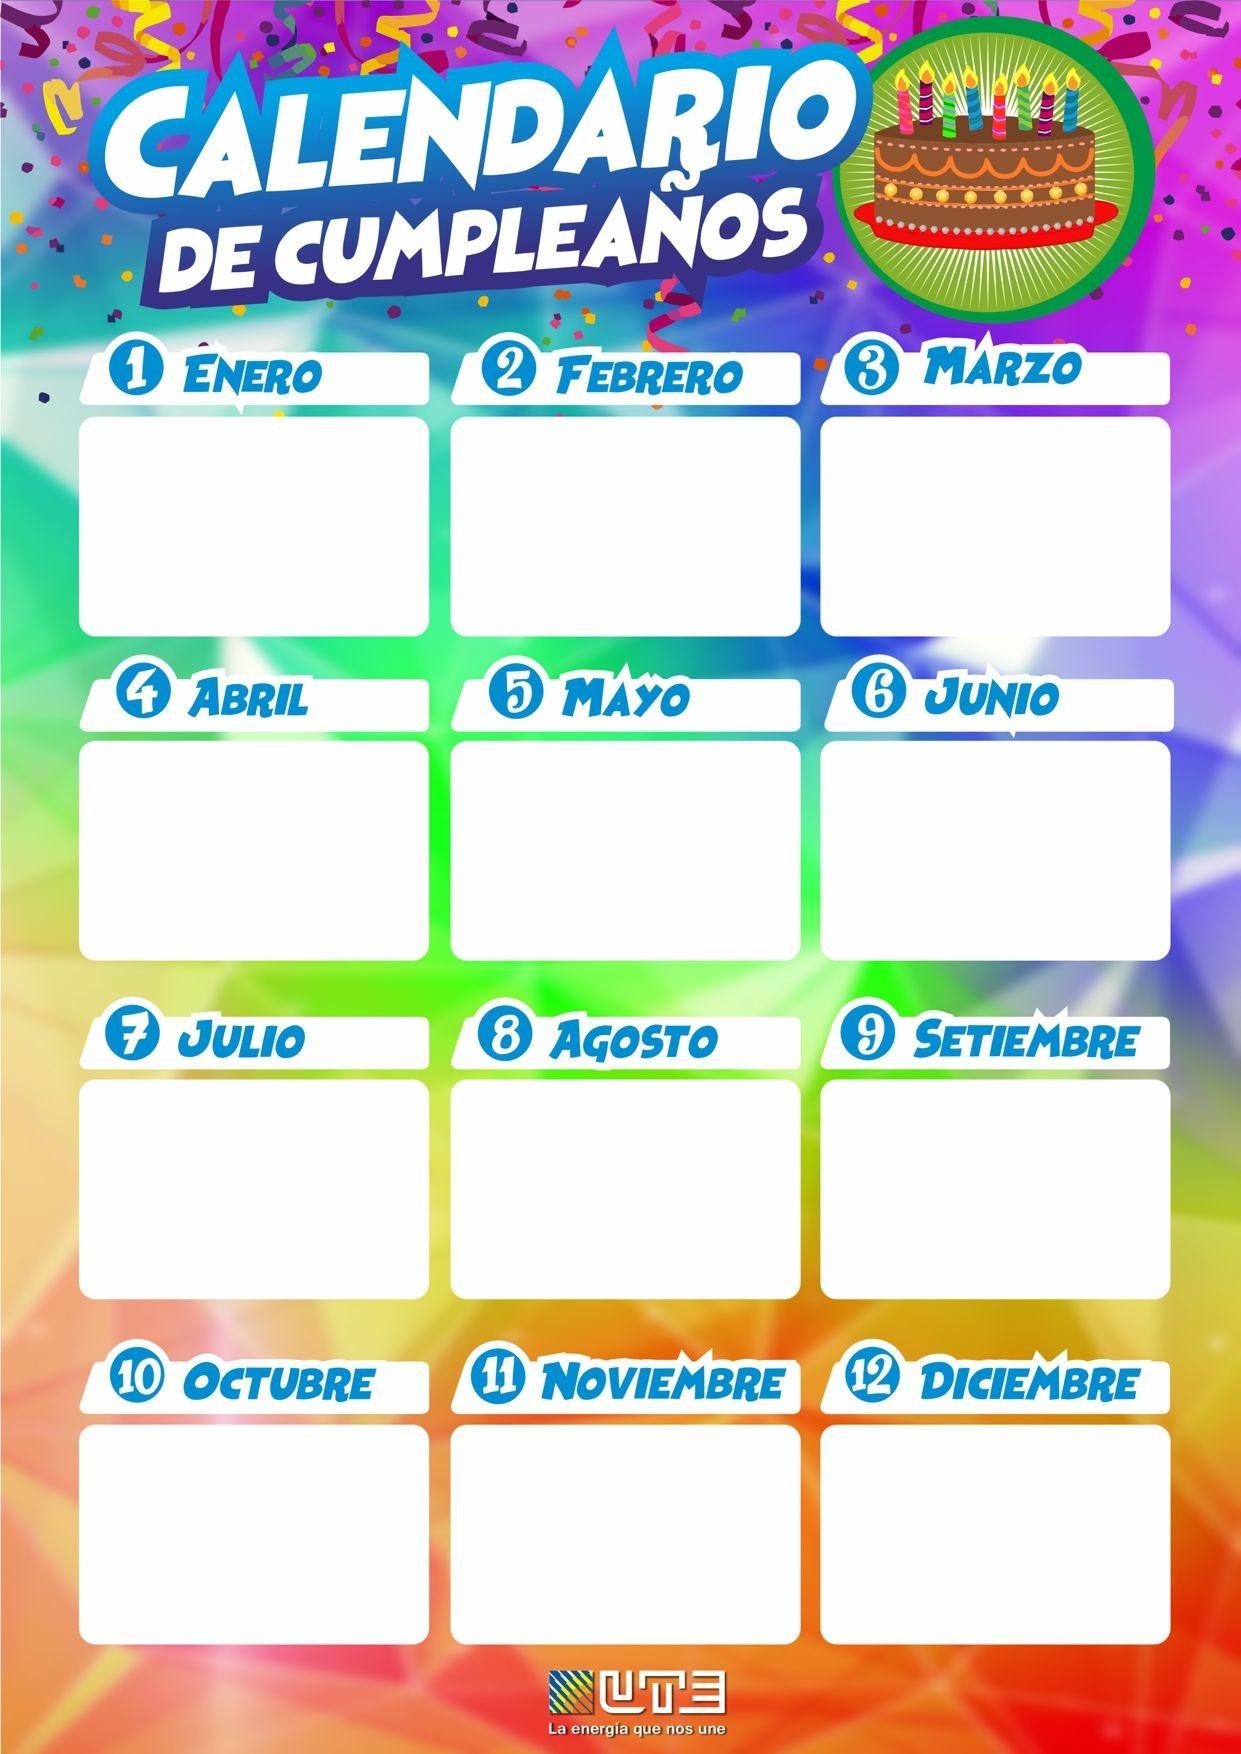 Calendario Para Imprimir Octubre 2019 Argentina Más Recientemente Liberado Este Es Realmente Imprimir Calendario Septiembre Octubre 2019 Of Calendario Para Imprimir Octubre 2019 Argentina Más Actual Realmente Esto Calendario 2019 En Ingles Para Imprimir